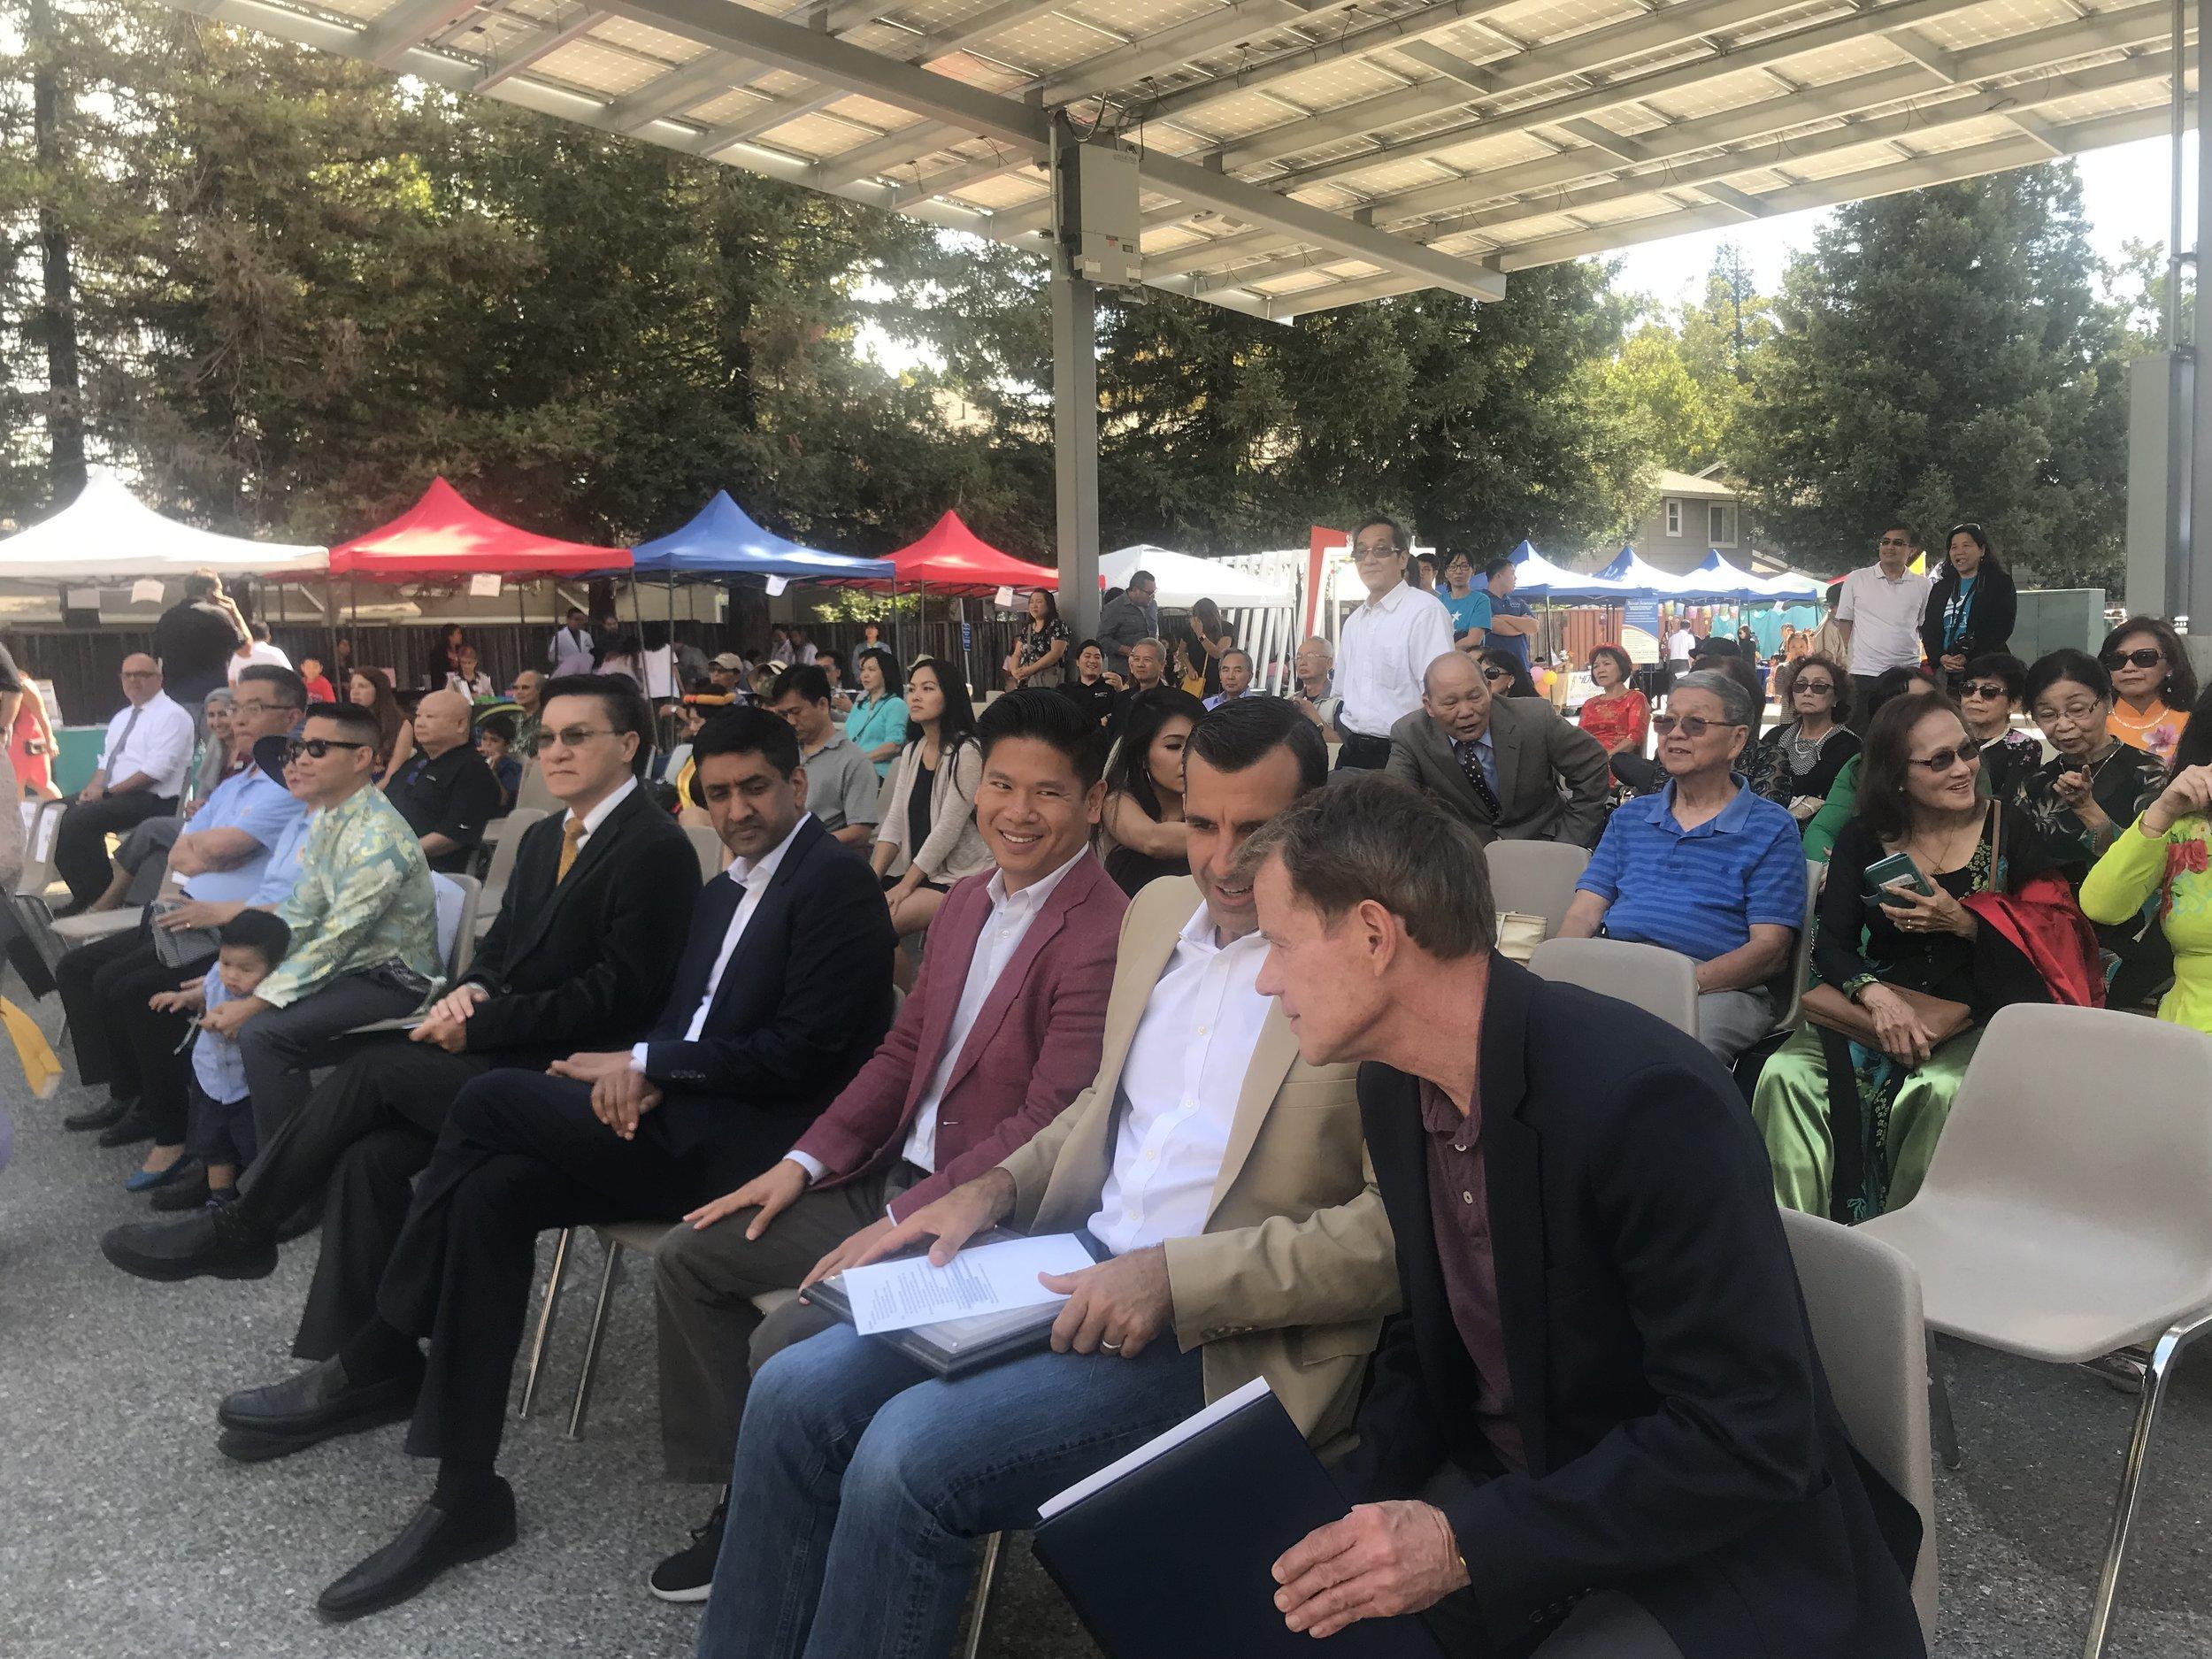 Từ phia bên tay phải là Giám Sát Viên Ken Yeager, thị trưởng Sam Liccardo, nghị viên Diệp Thế Lân, dân biểu liên bang Ro Khanna, dân biểu tiểu bang Kansen Chu mặc áo xanh dương nhạt ngồi gần về phía bìa tay trái.